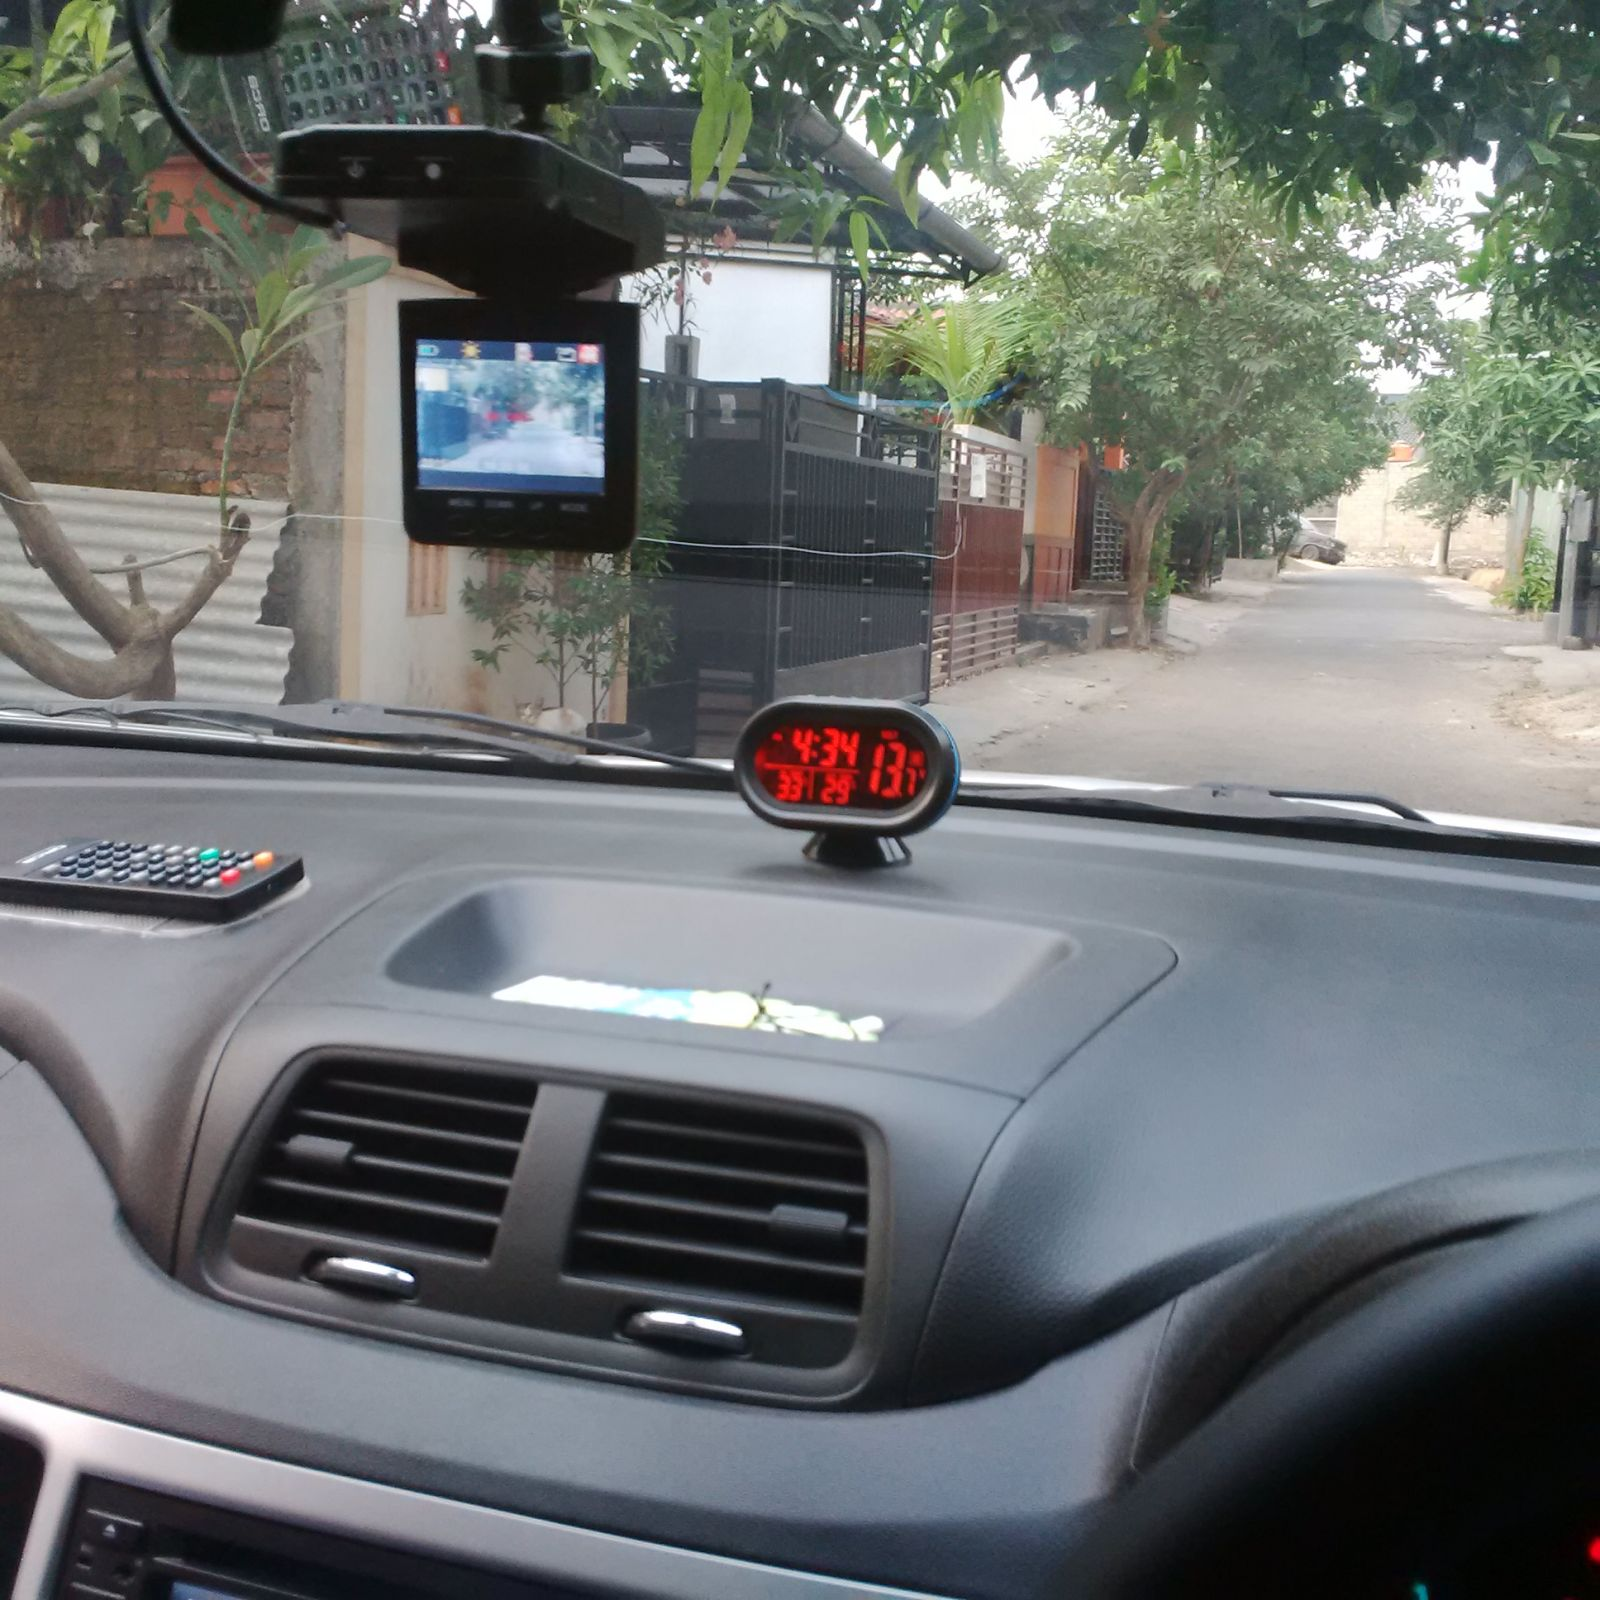 Harga CCTV Mobil Murah - Camera Perekam Perjalanan - Car DVR HD